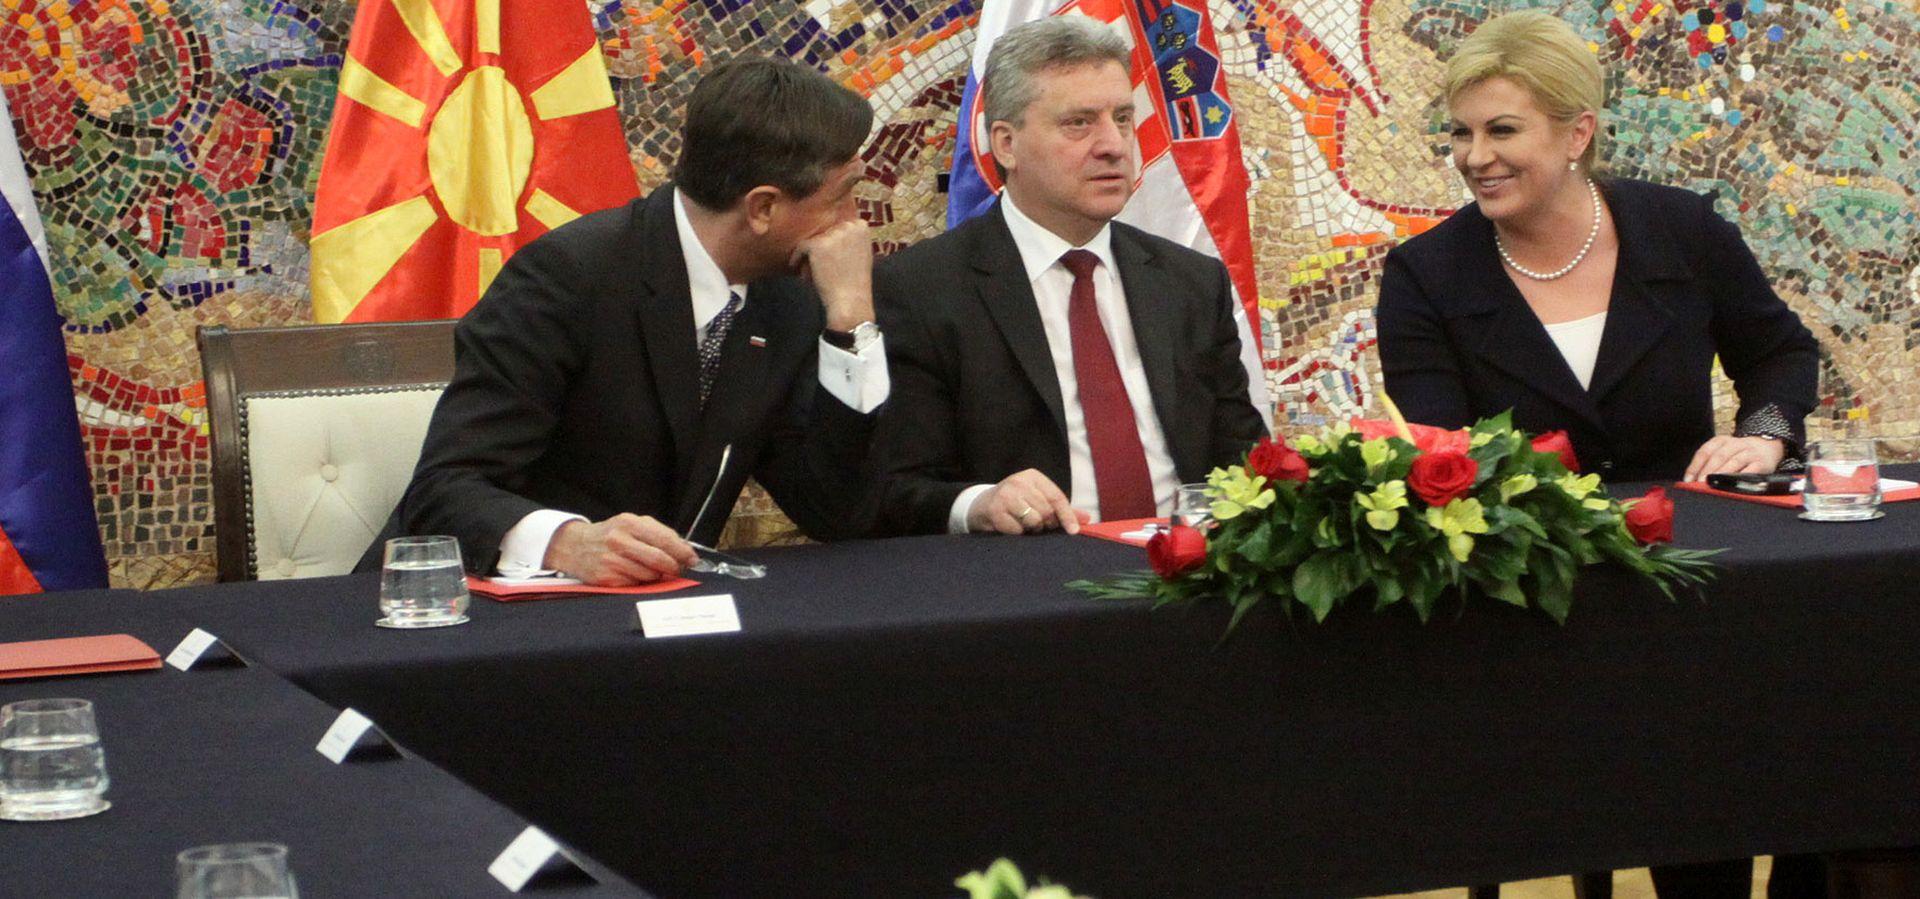 Kolinda Grabar-Kitarović: Skoplje zaslužuje puno snažniju potporu Europske unije